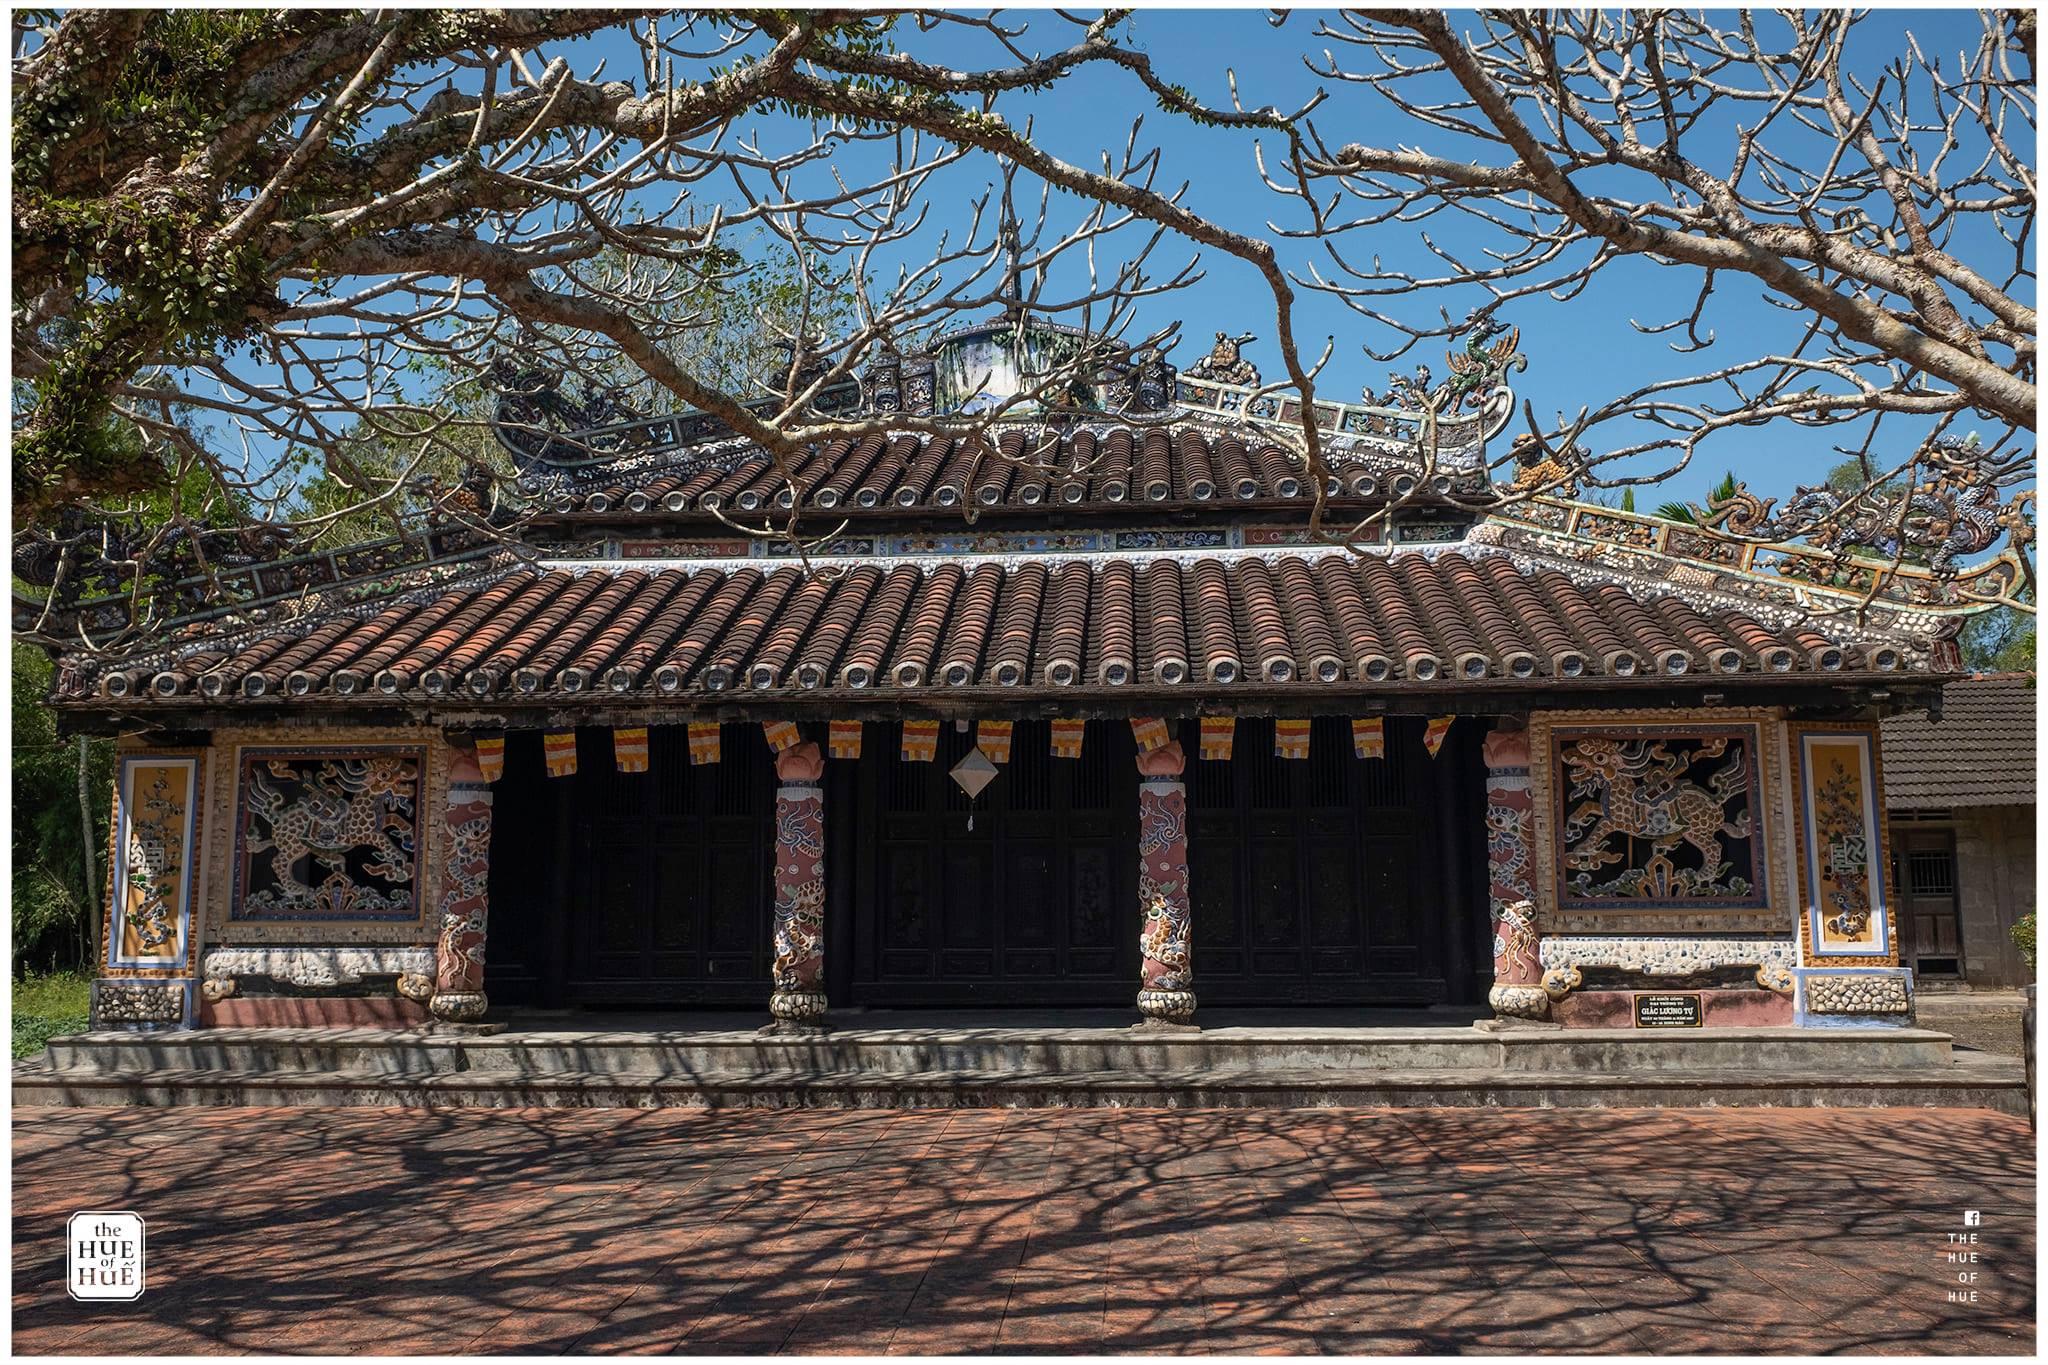 Bên trong chùa Giác Lương. Hình: The Hue of Huế